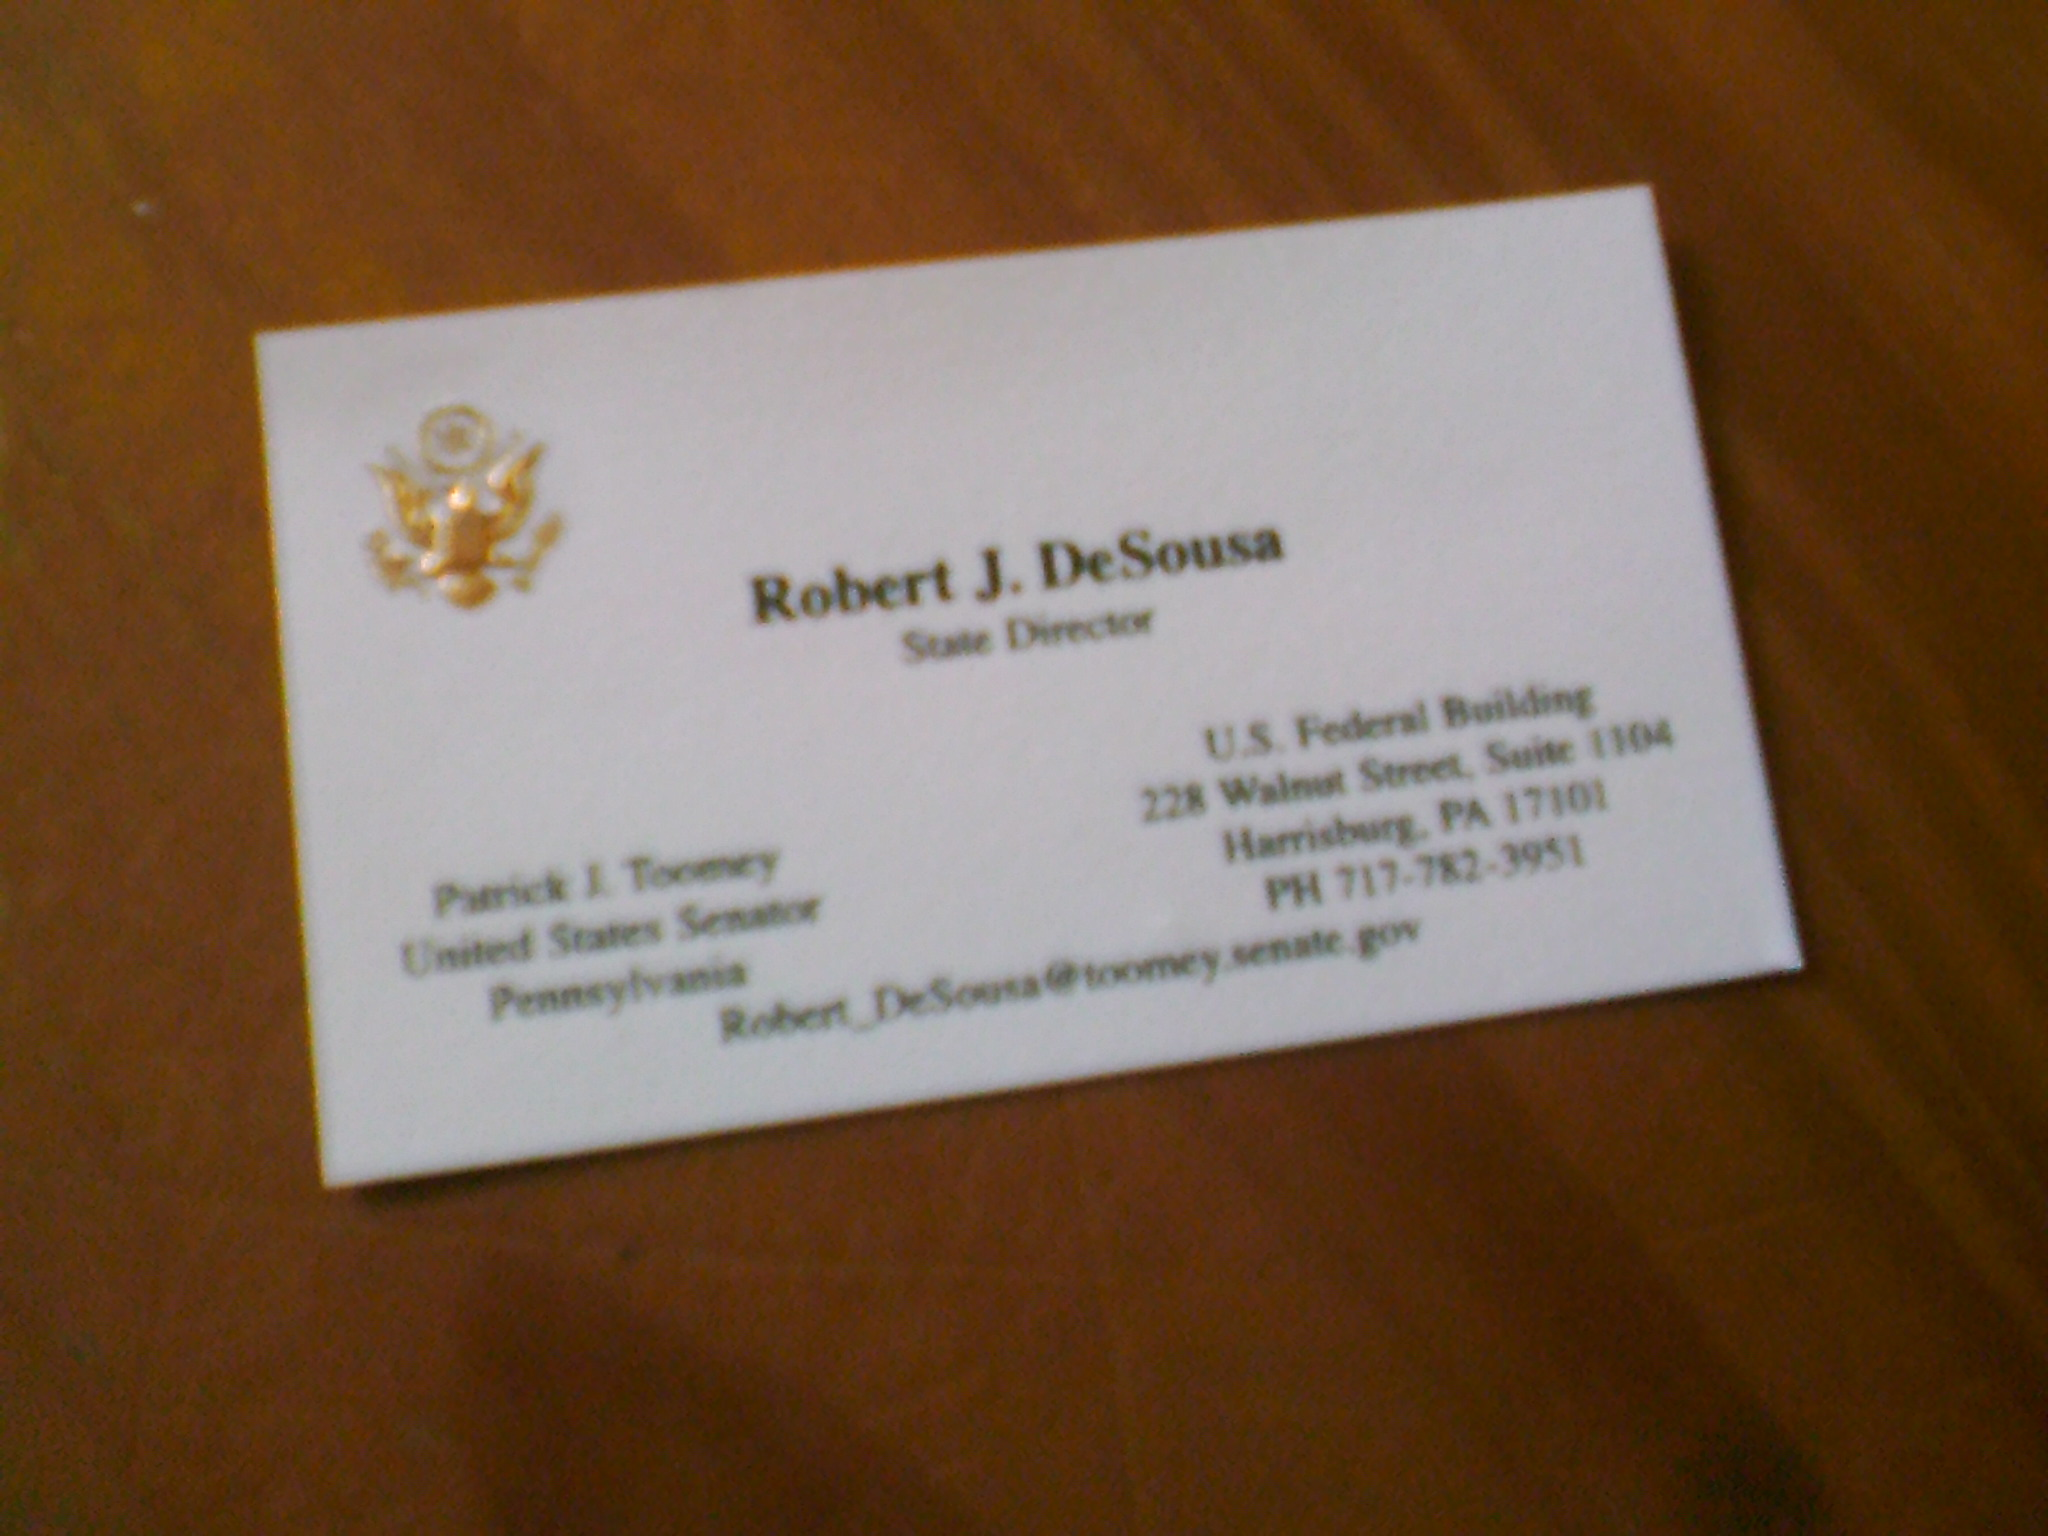 Jeff Harrison Business card 05-28-15 11.12.37